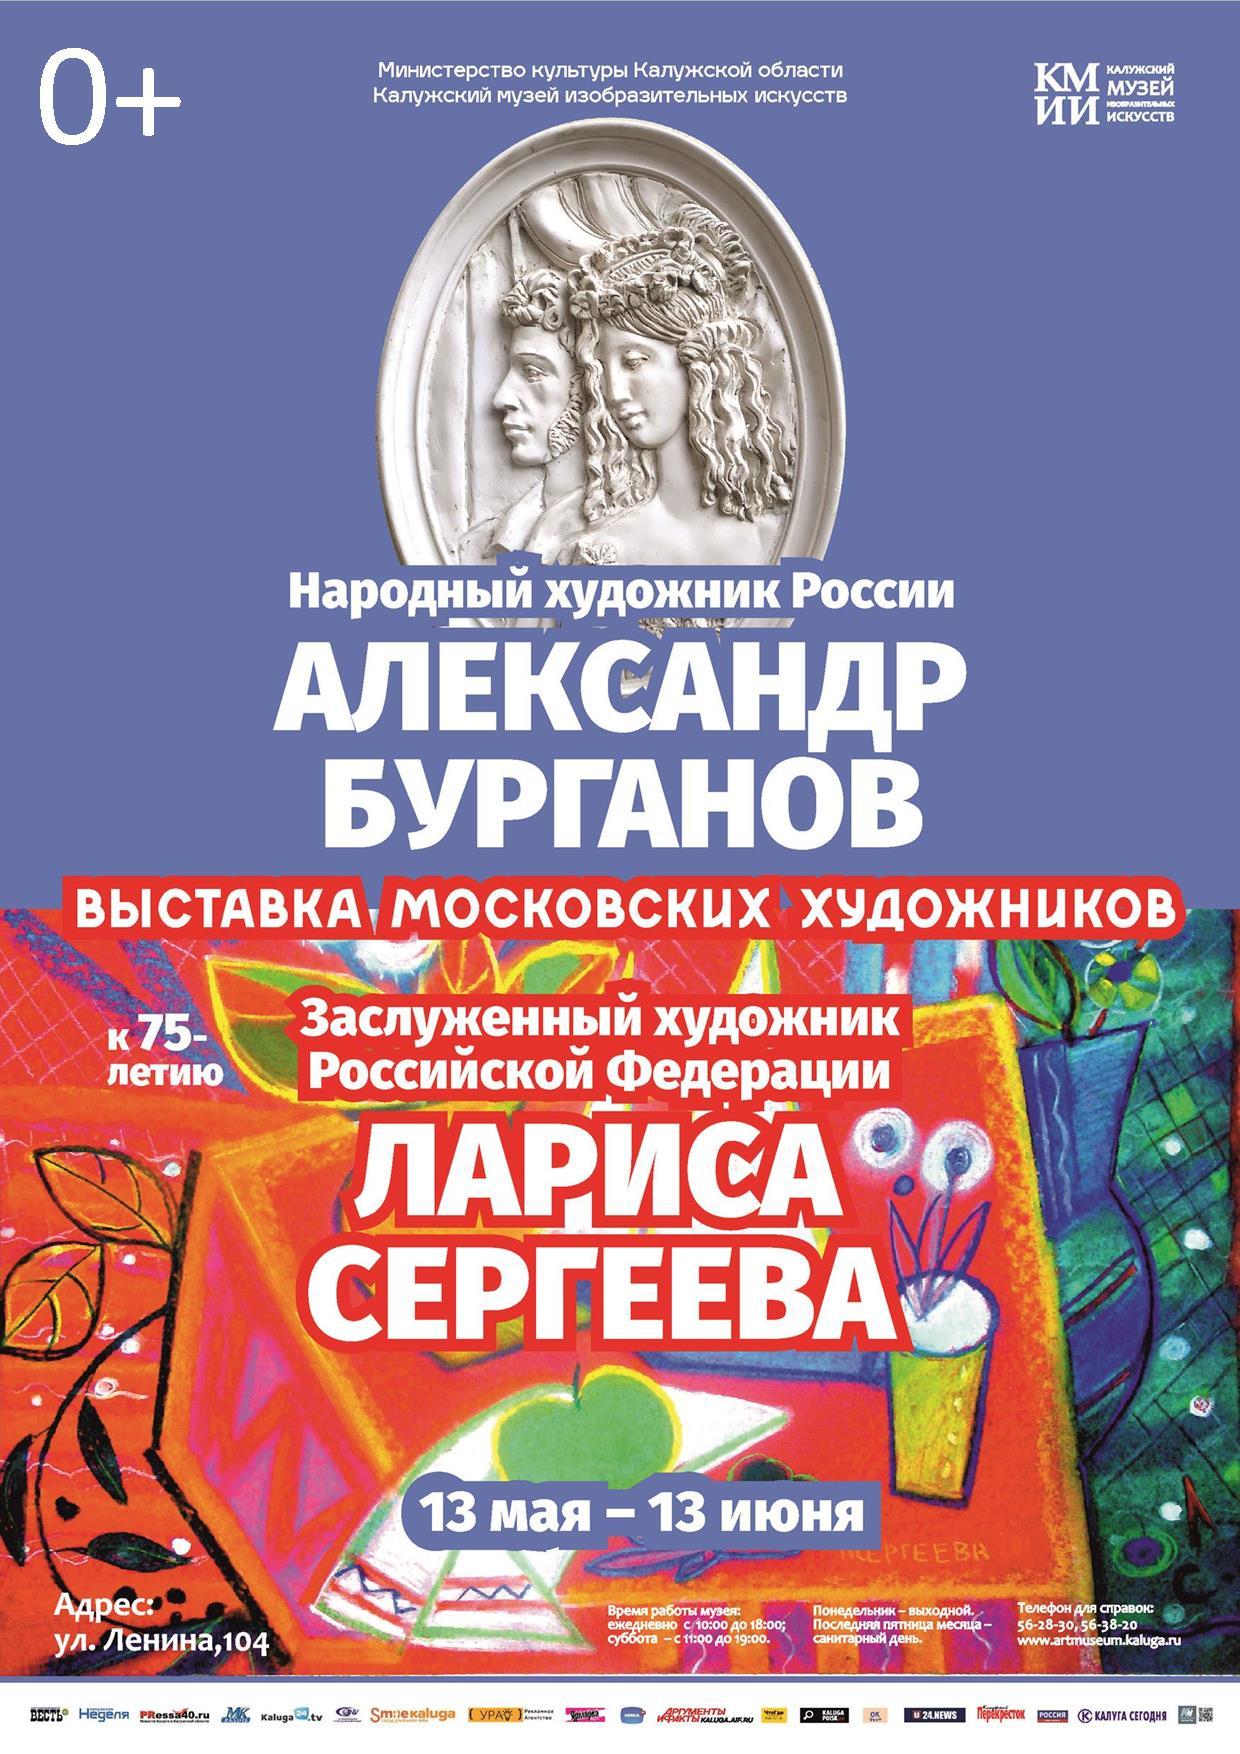 Выставка Александра Николаевича Бурганова и Ларисы Сергеевны Сергеевой 0+